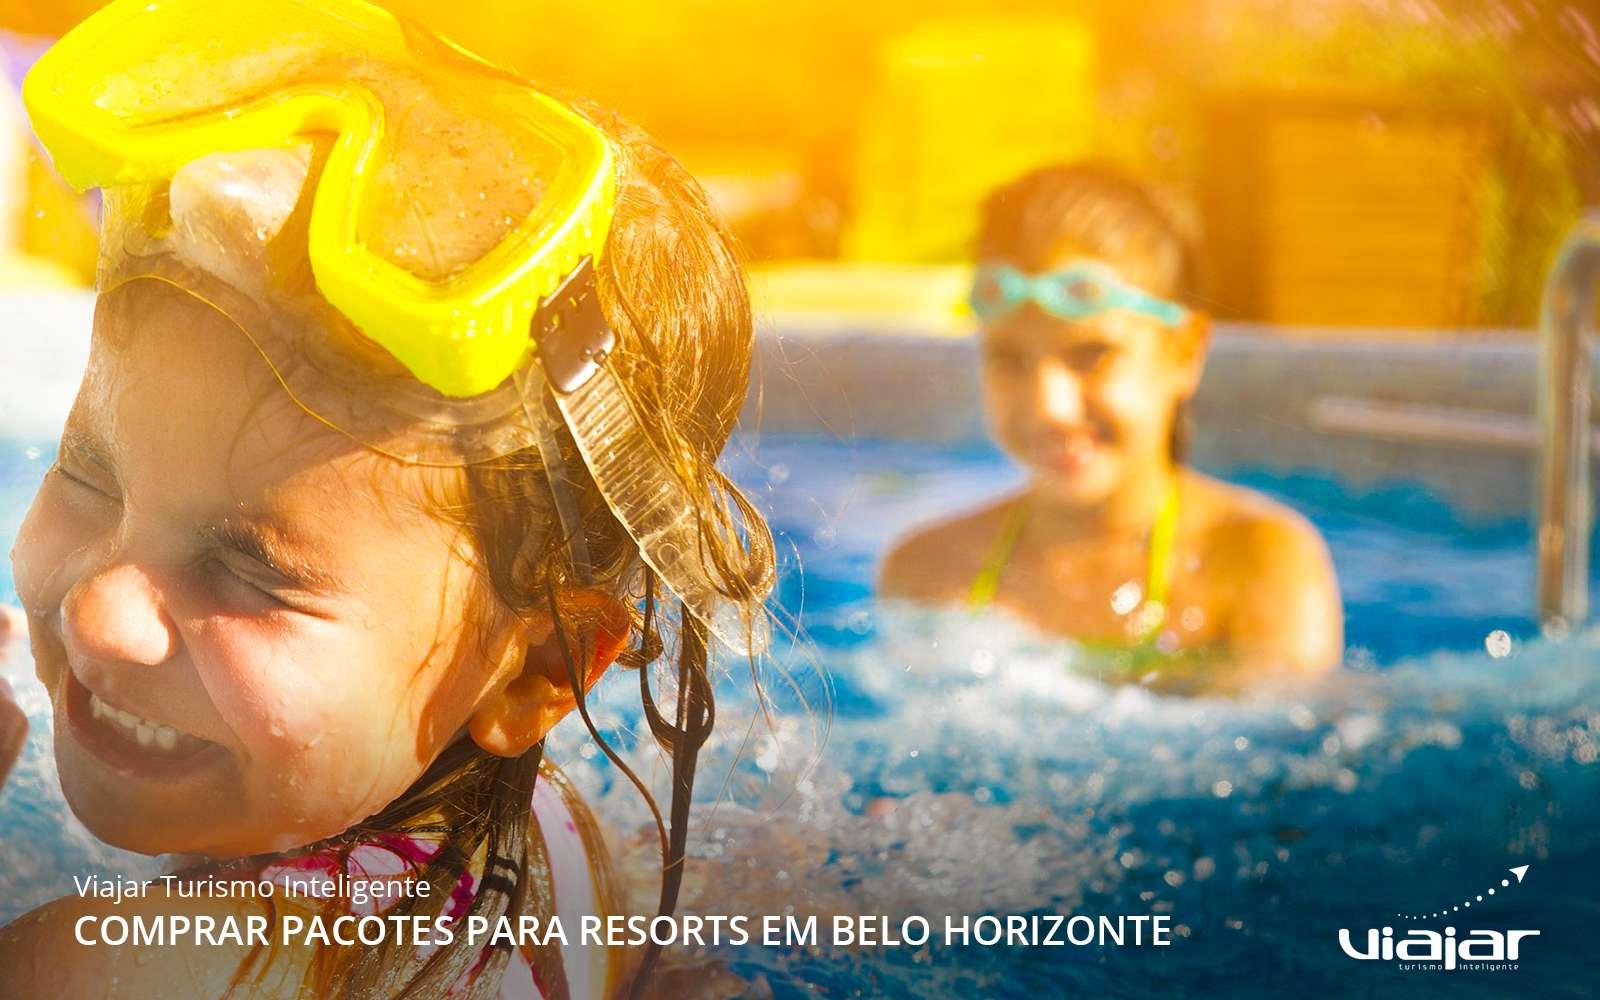 viajar-turismo-inteligente-comprar-pacotes-resorts-belo-horizonte-minas-gerais-00-1